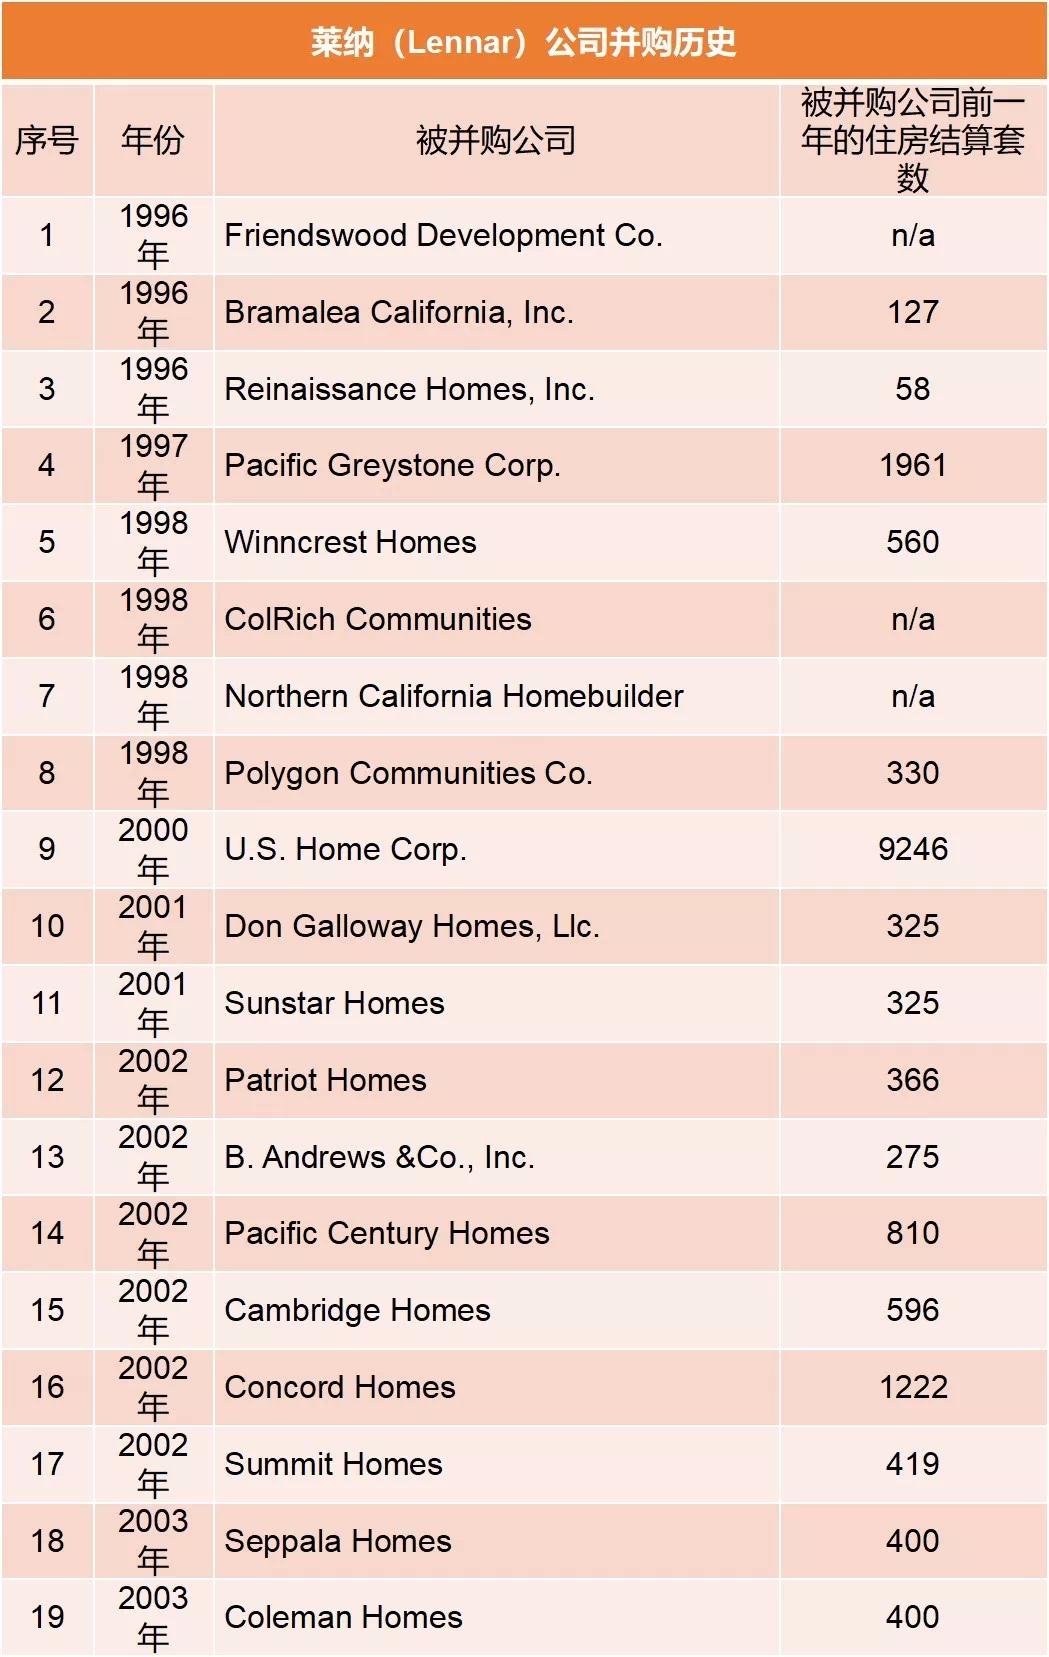 次貸危機后,美國4大房企有的完蛋了,有的卻逆襲了!為啥?